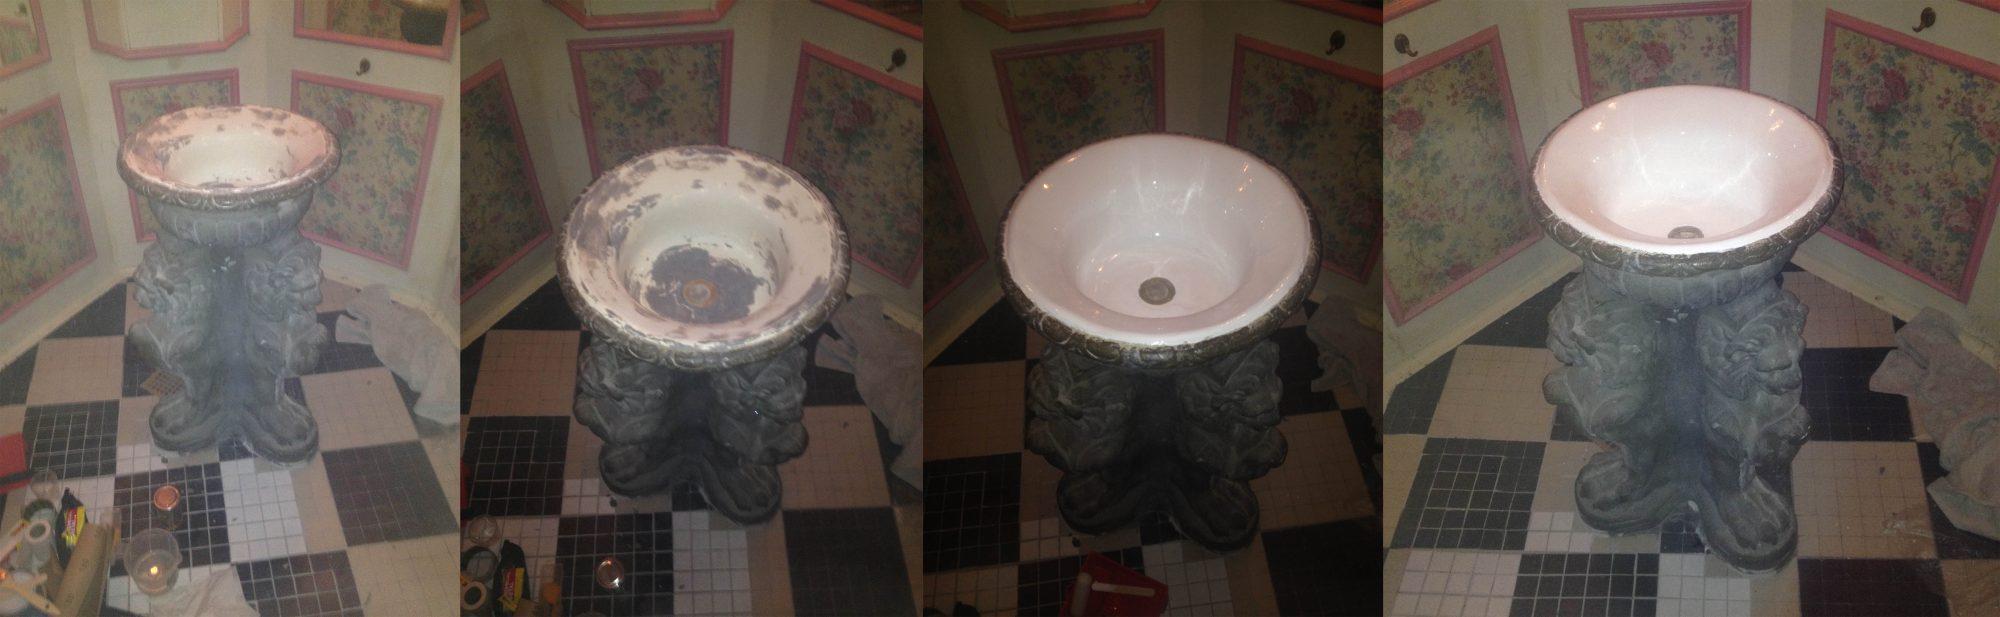 Reparation af Keramik